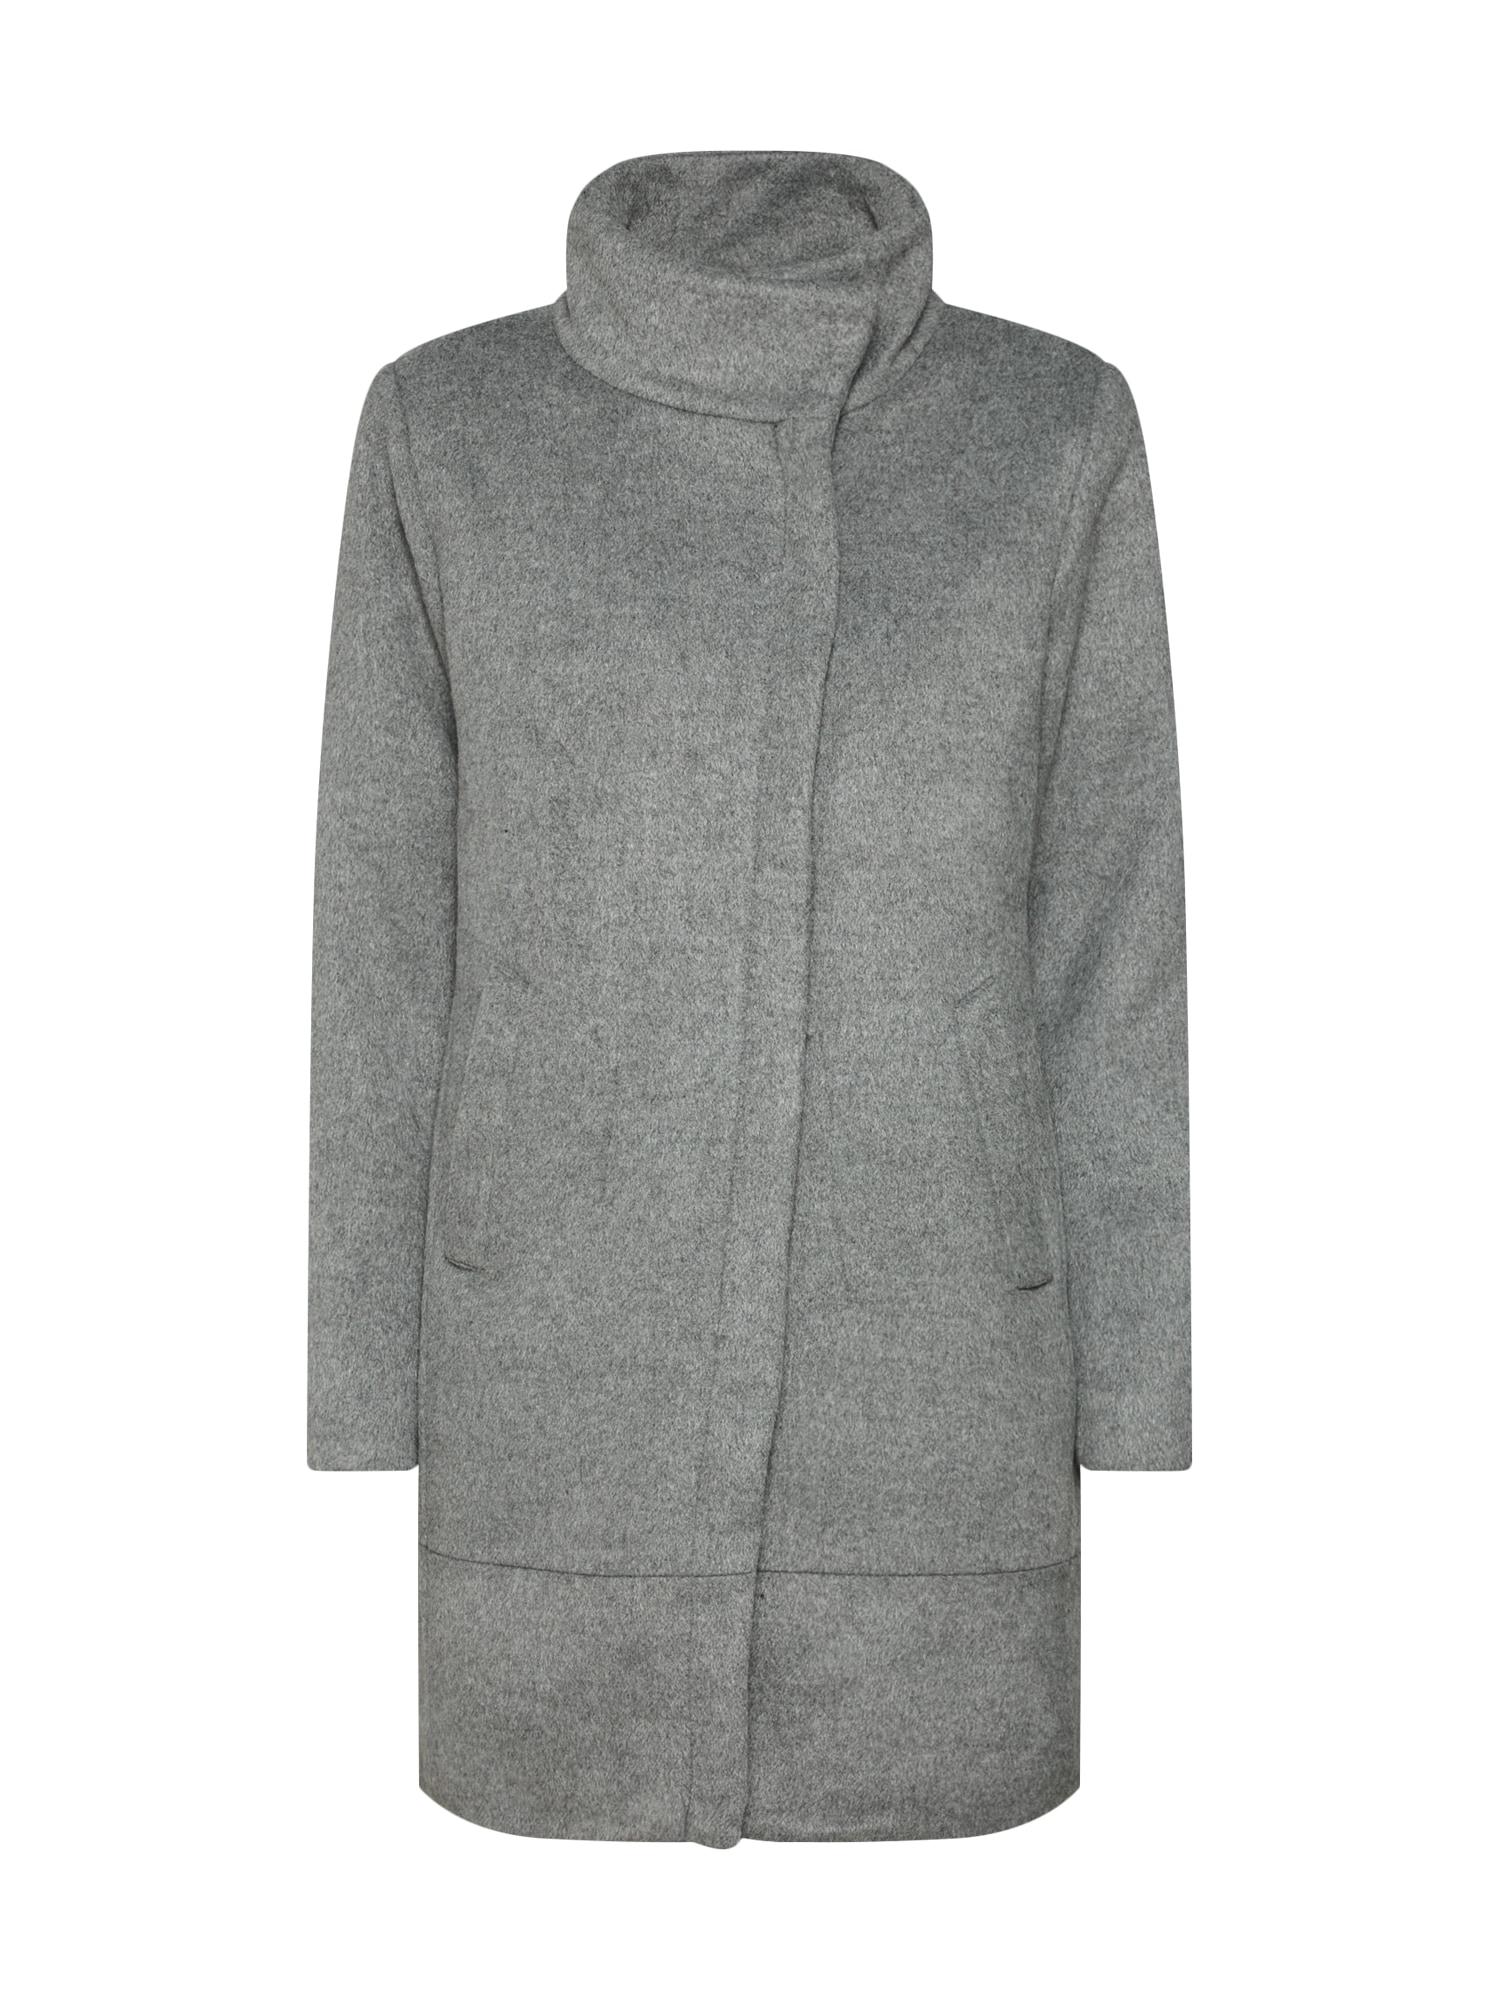 Přechodný kabát Hendrika Outerwear šedá Minimum